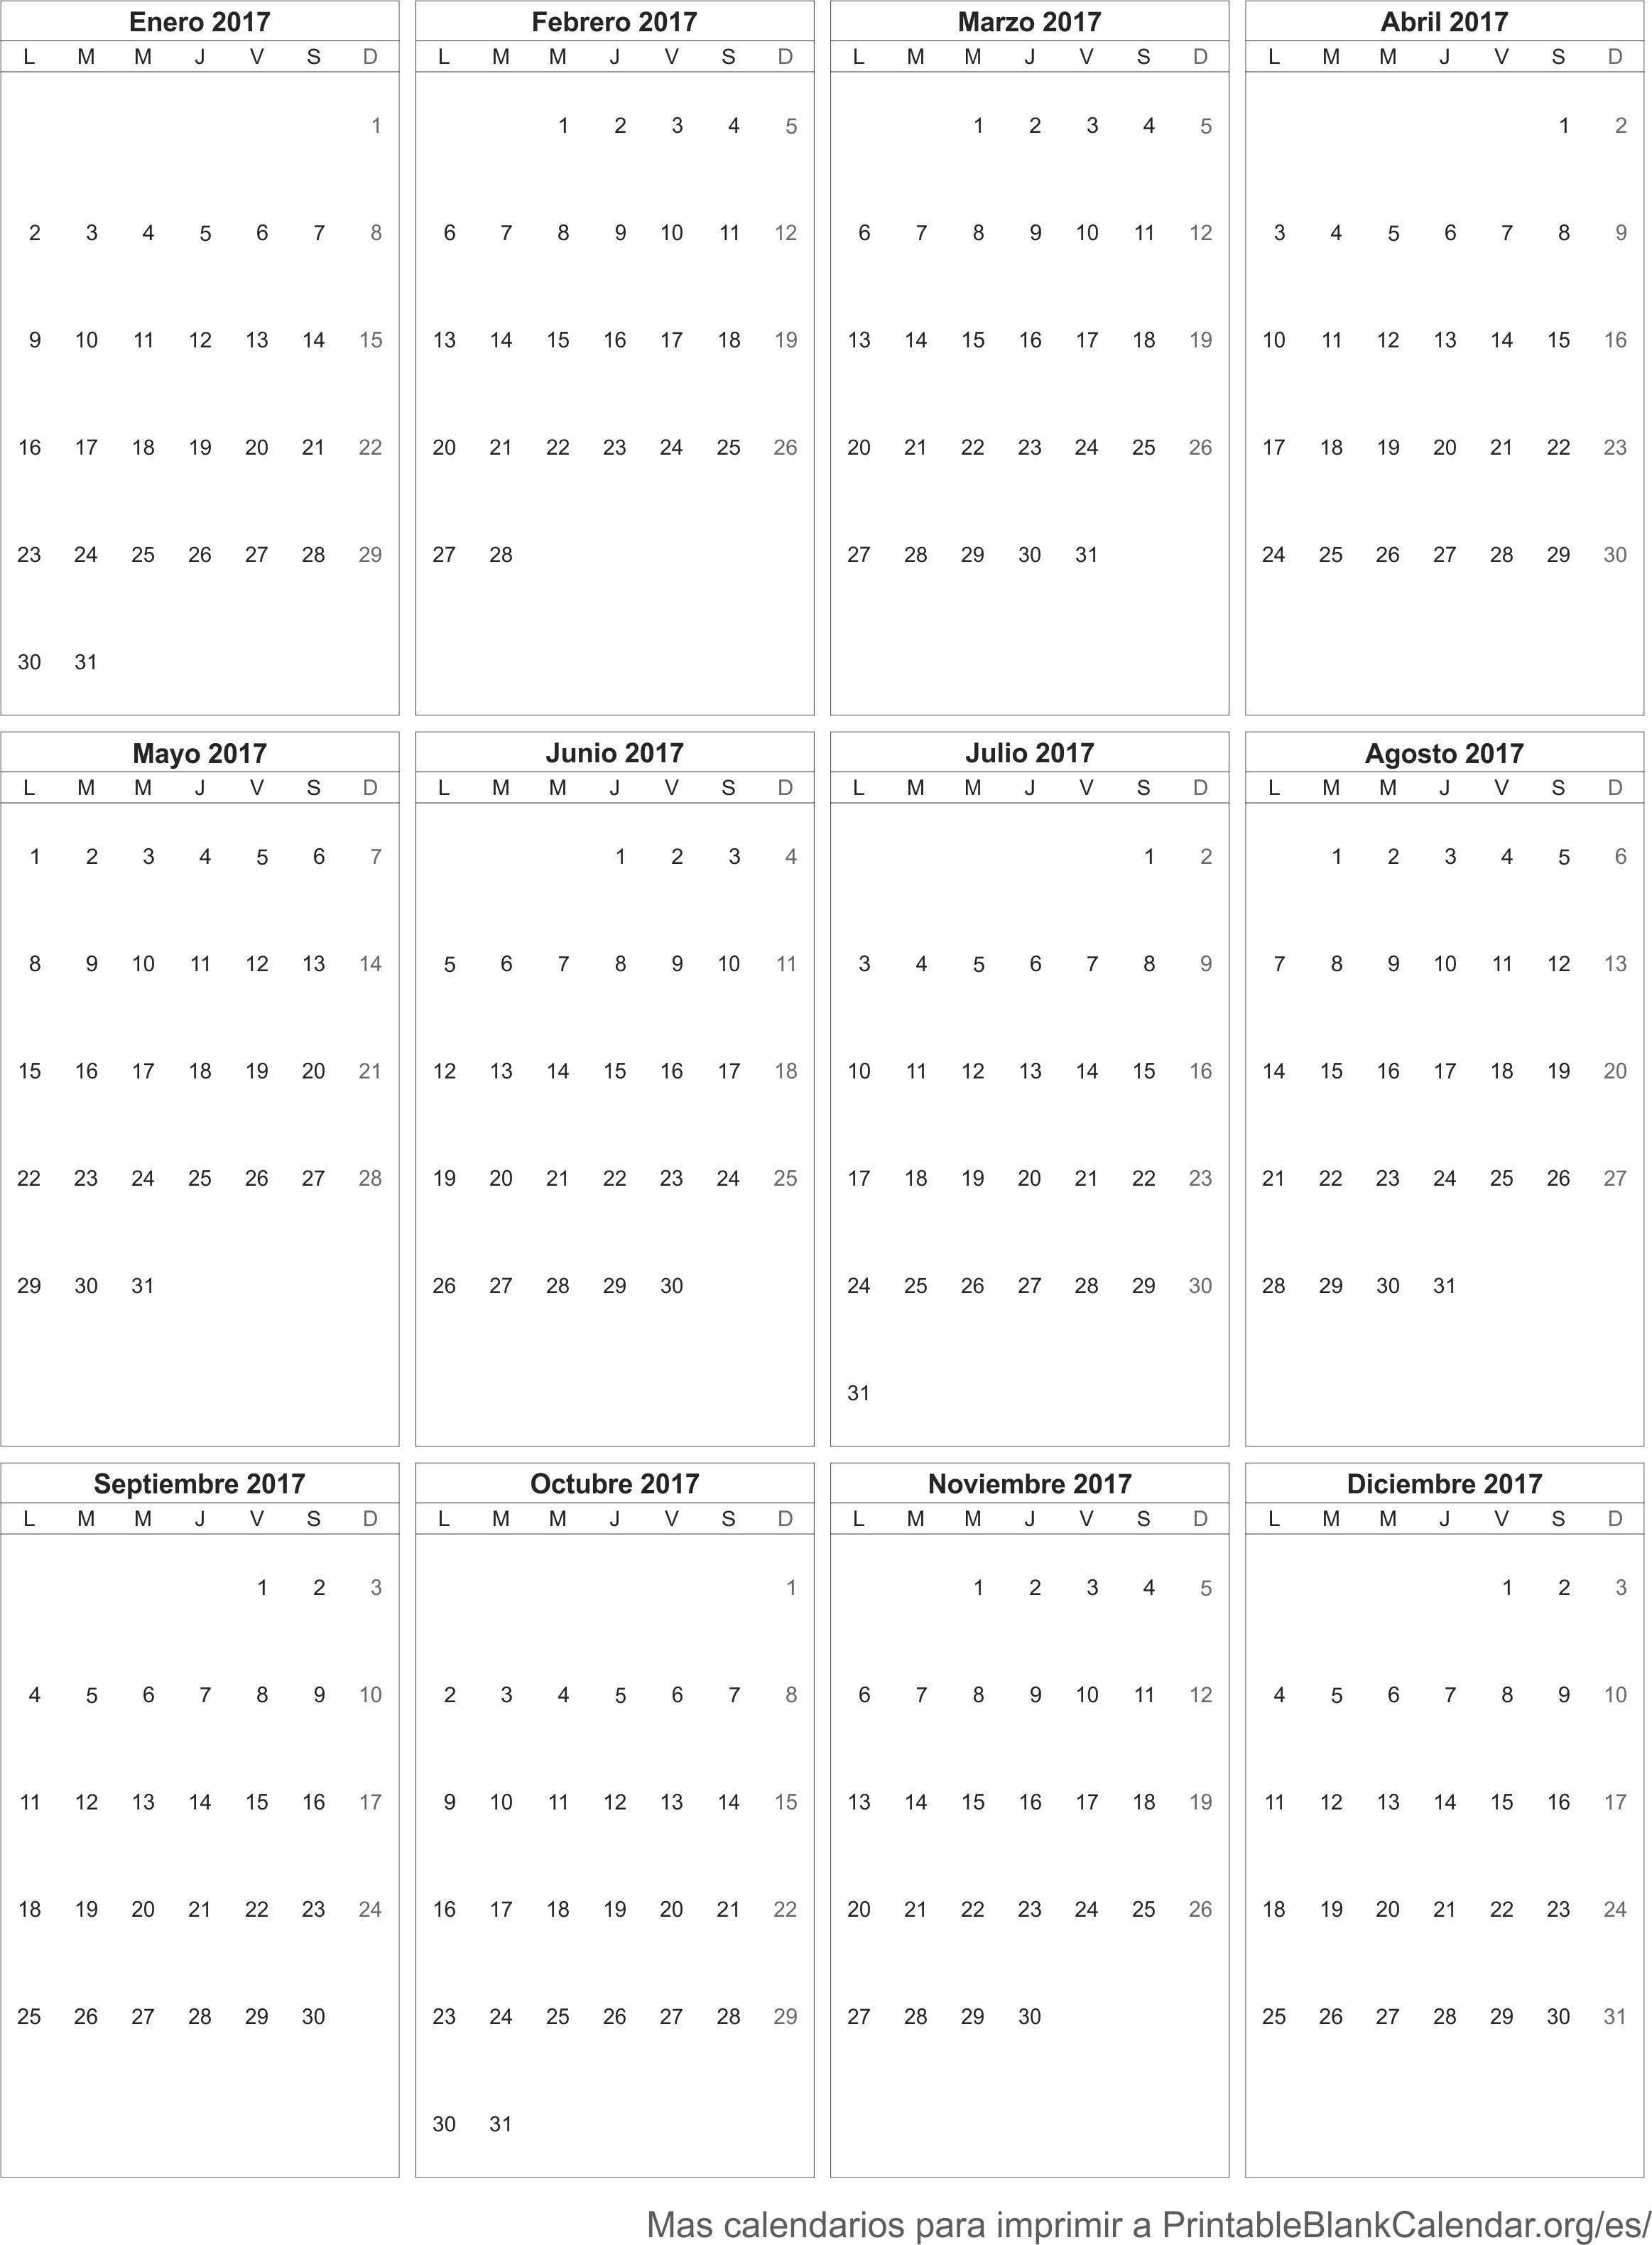 Calendario para imprimir 2017